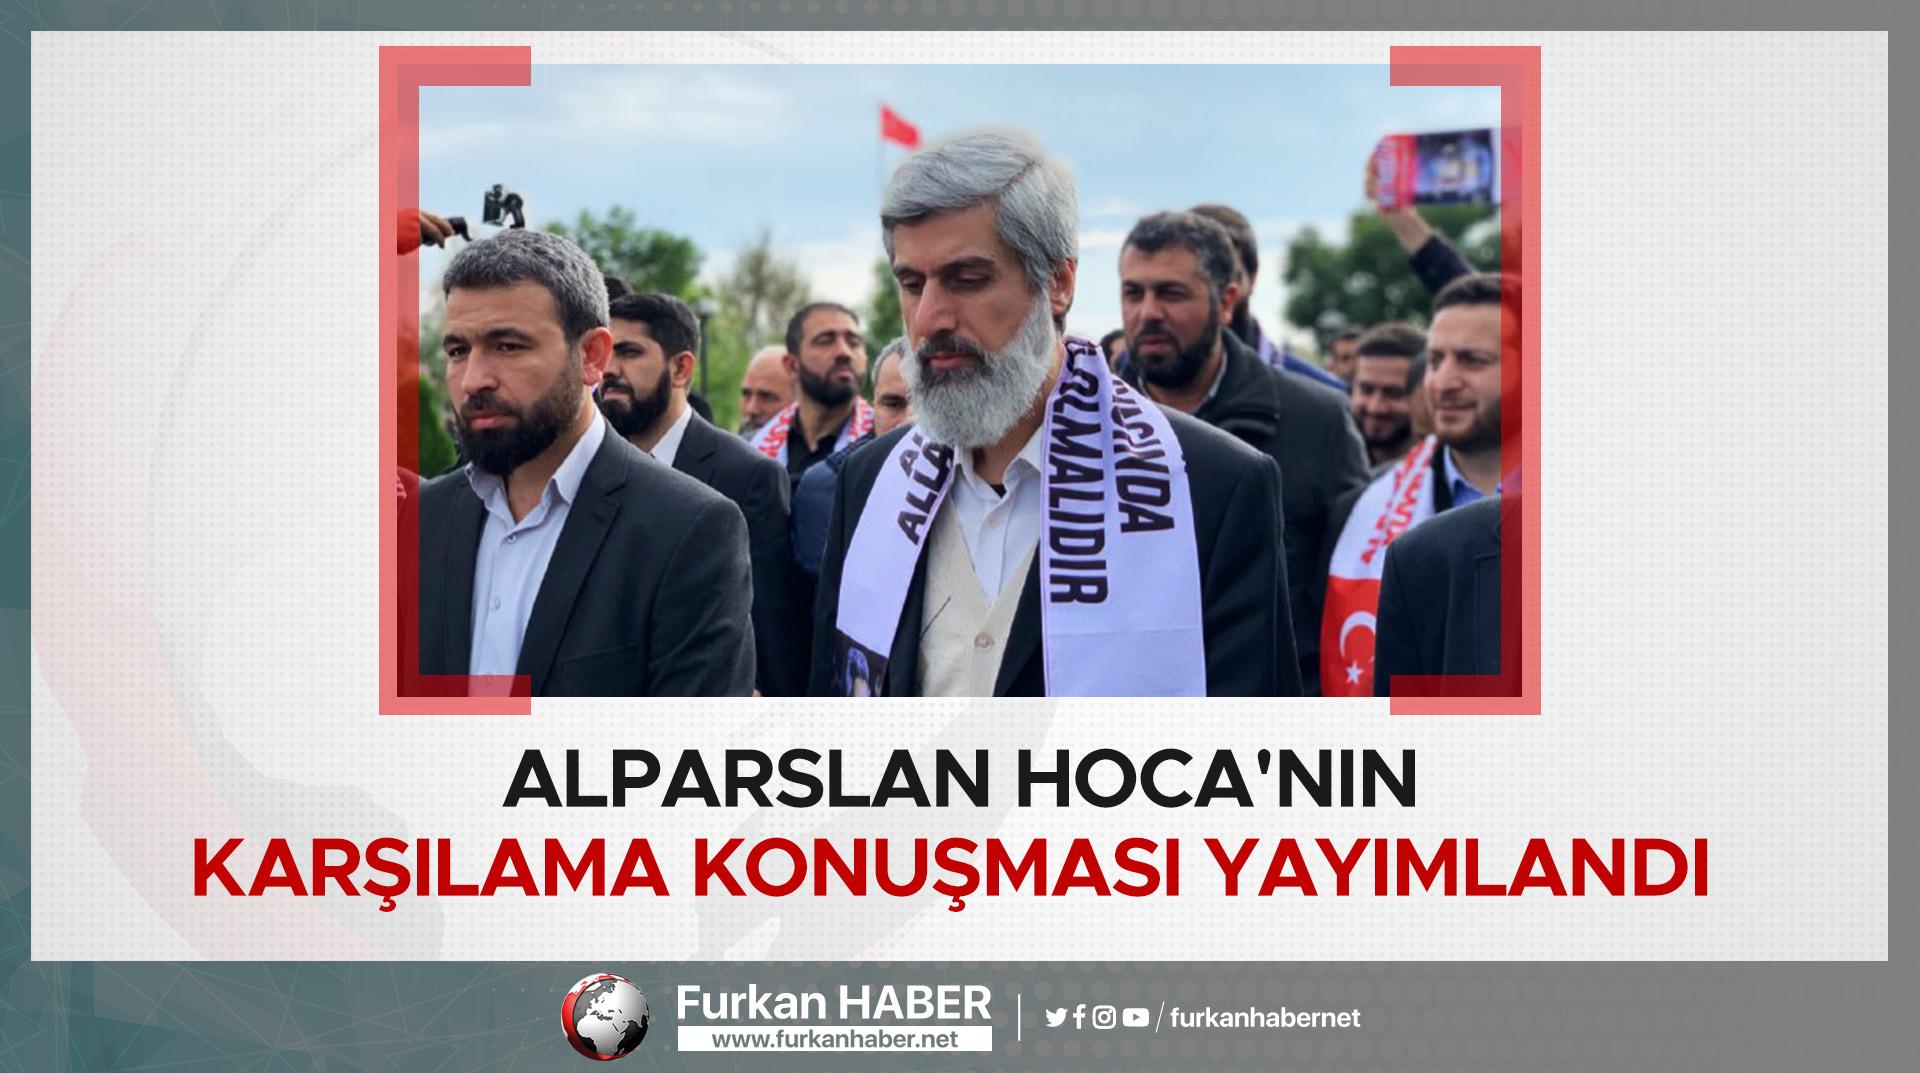 Alparslan Hoca'nın Karşılama Konuşması Yayımlandı